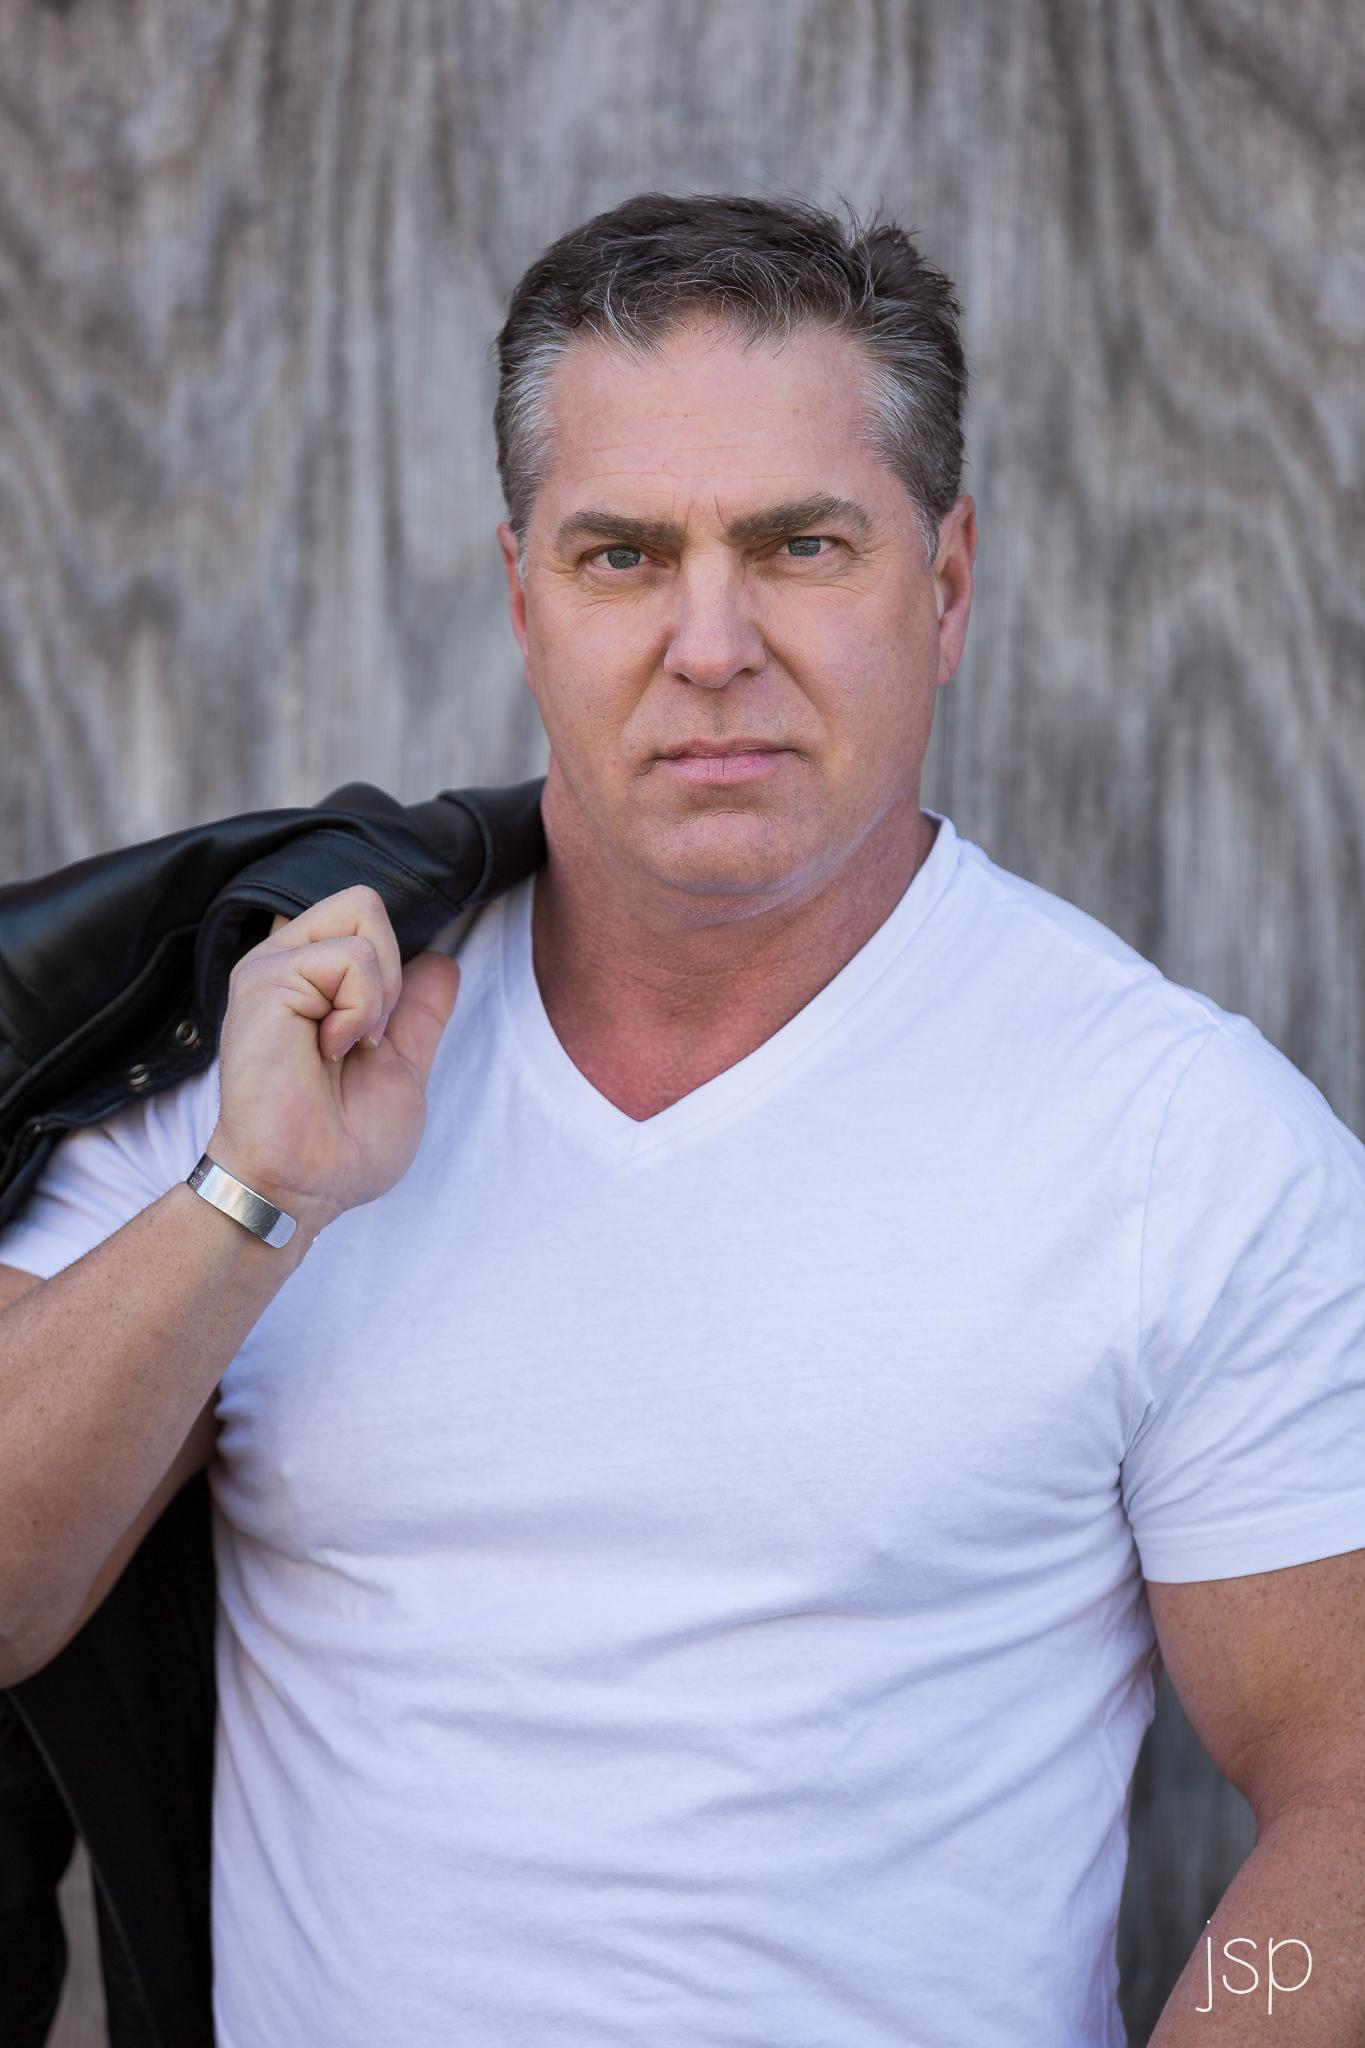 headshots_whitetshirt_leatherjacket